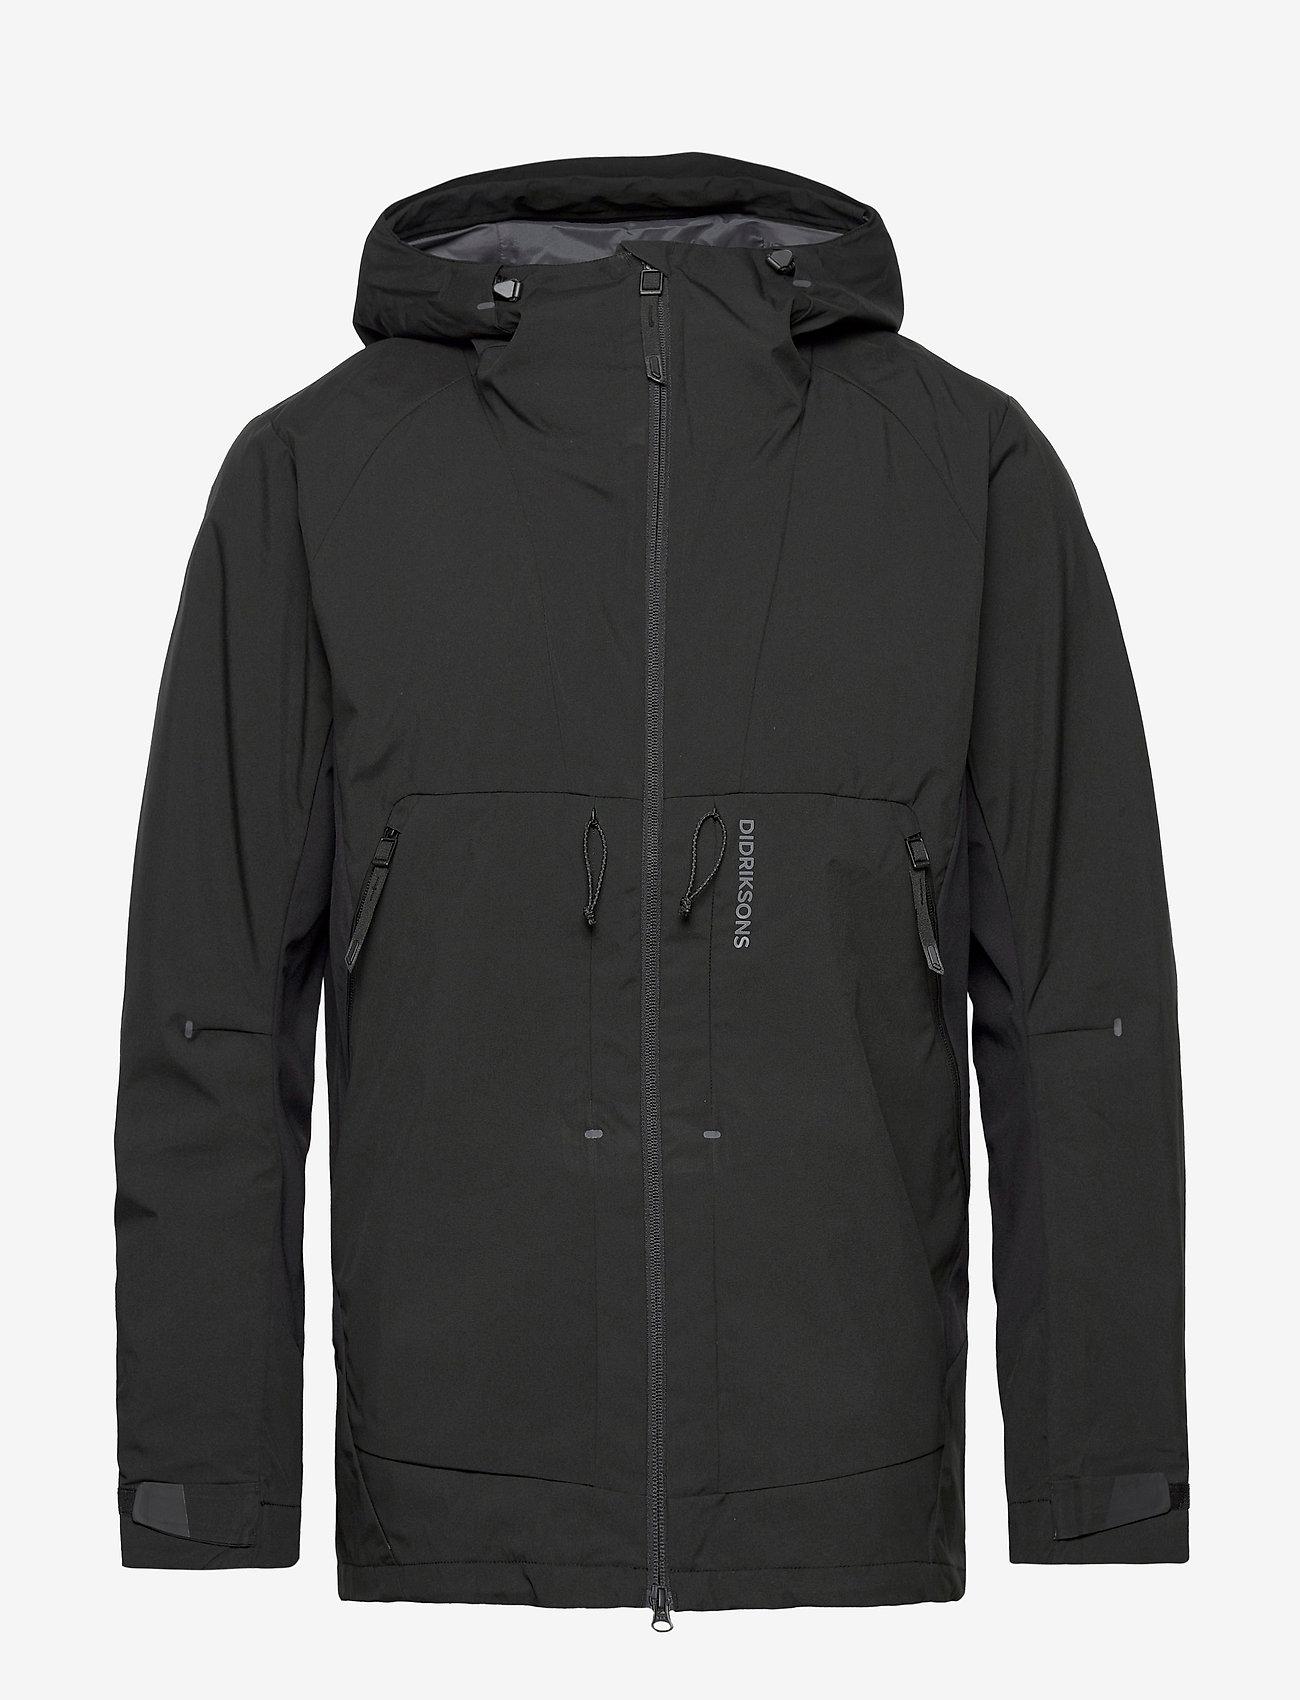 Didriksons - BENGT USX JKT 2 - manteaux de pluie - black - 1